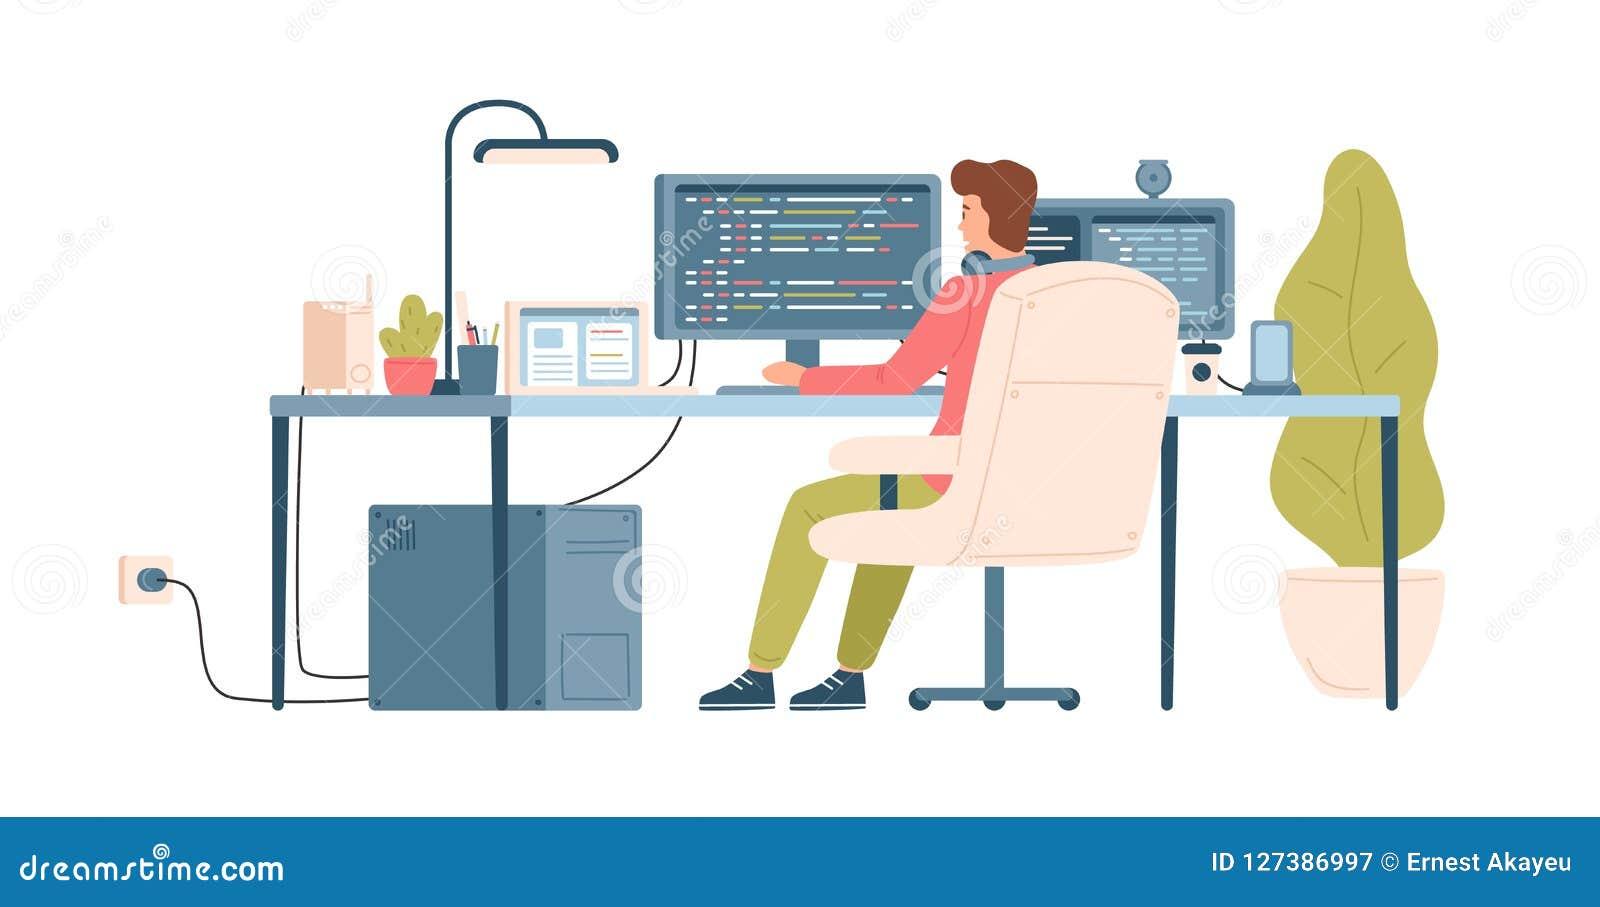 Programmeur, codeur, Webontwikkelaar of van de softwareingenieur zitting bij bureau en het werken aan computer of programmering w